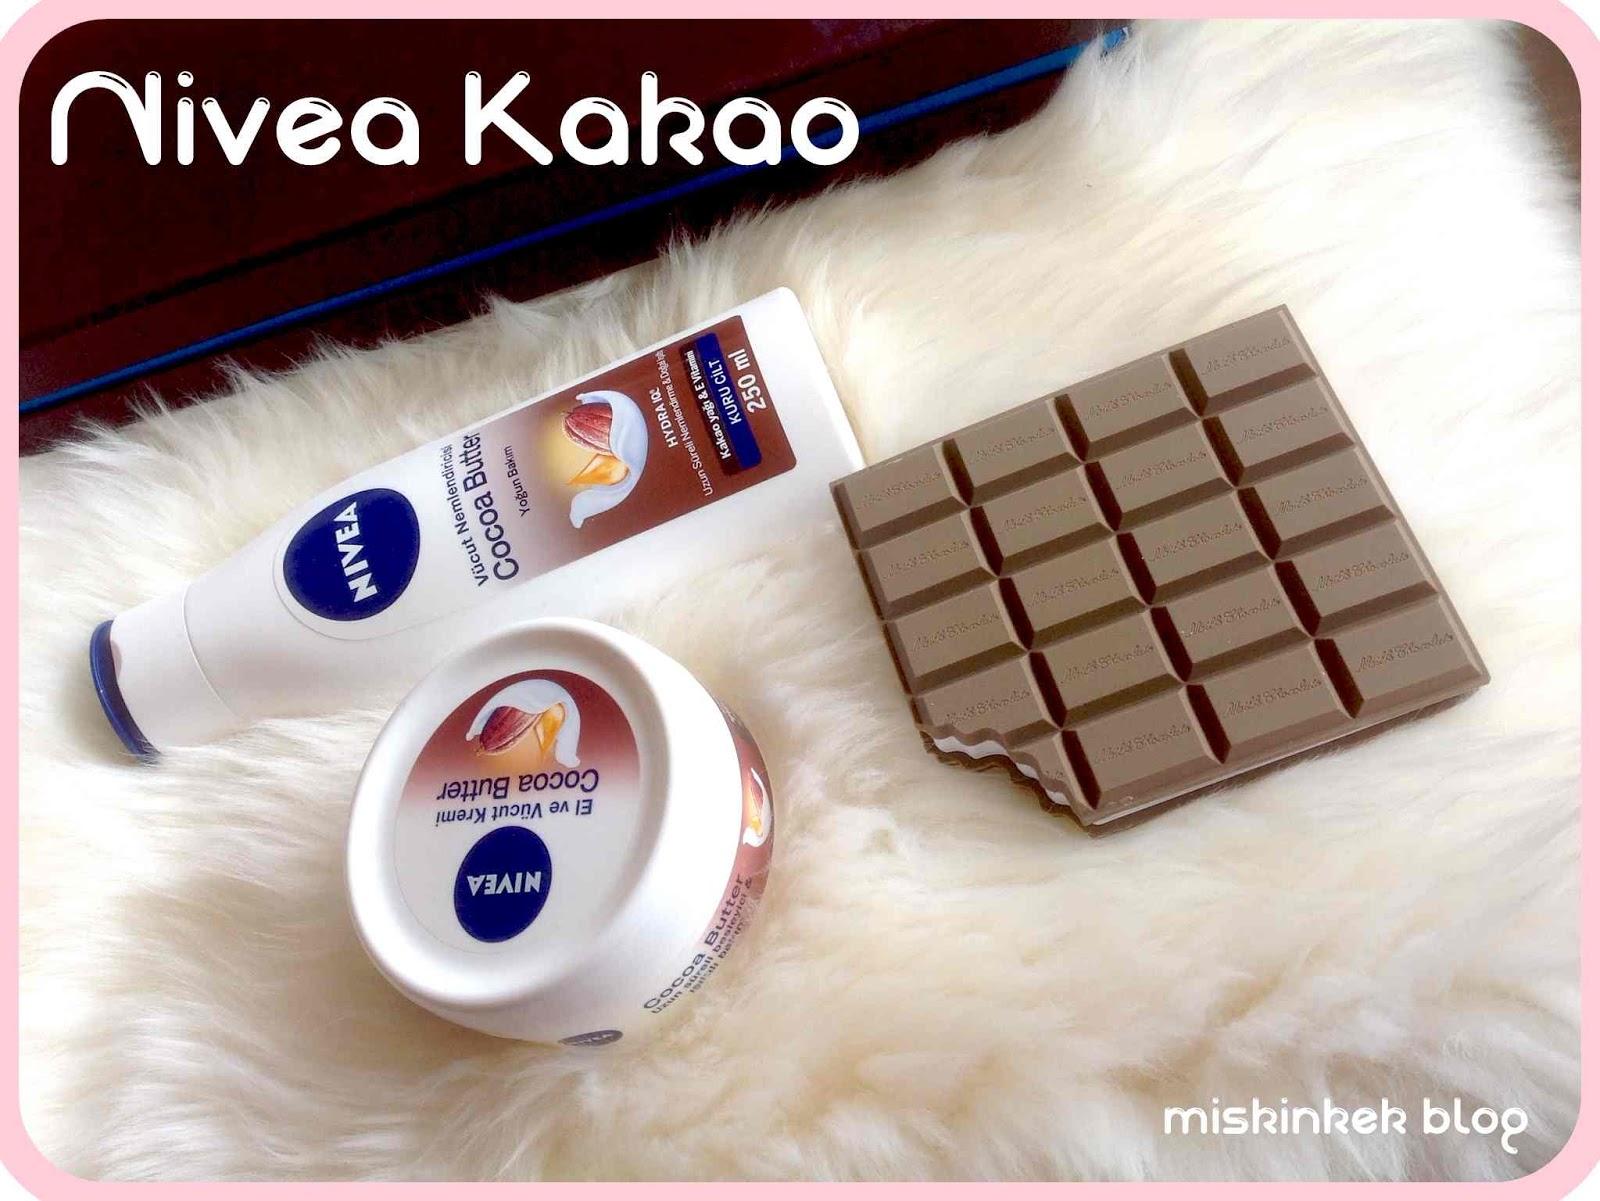 nivea-kakaolu-vucut-bakim-urunleri-cocoa-butter